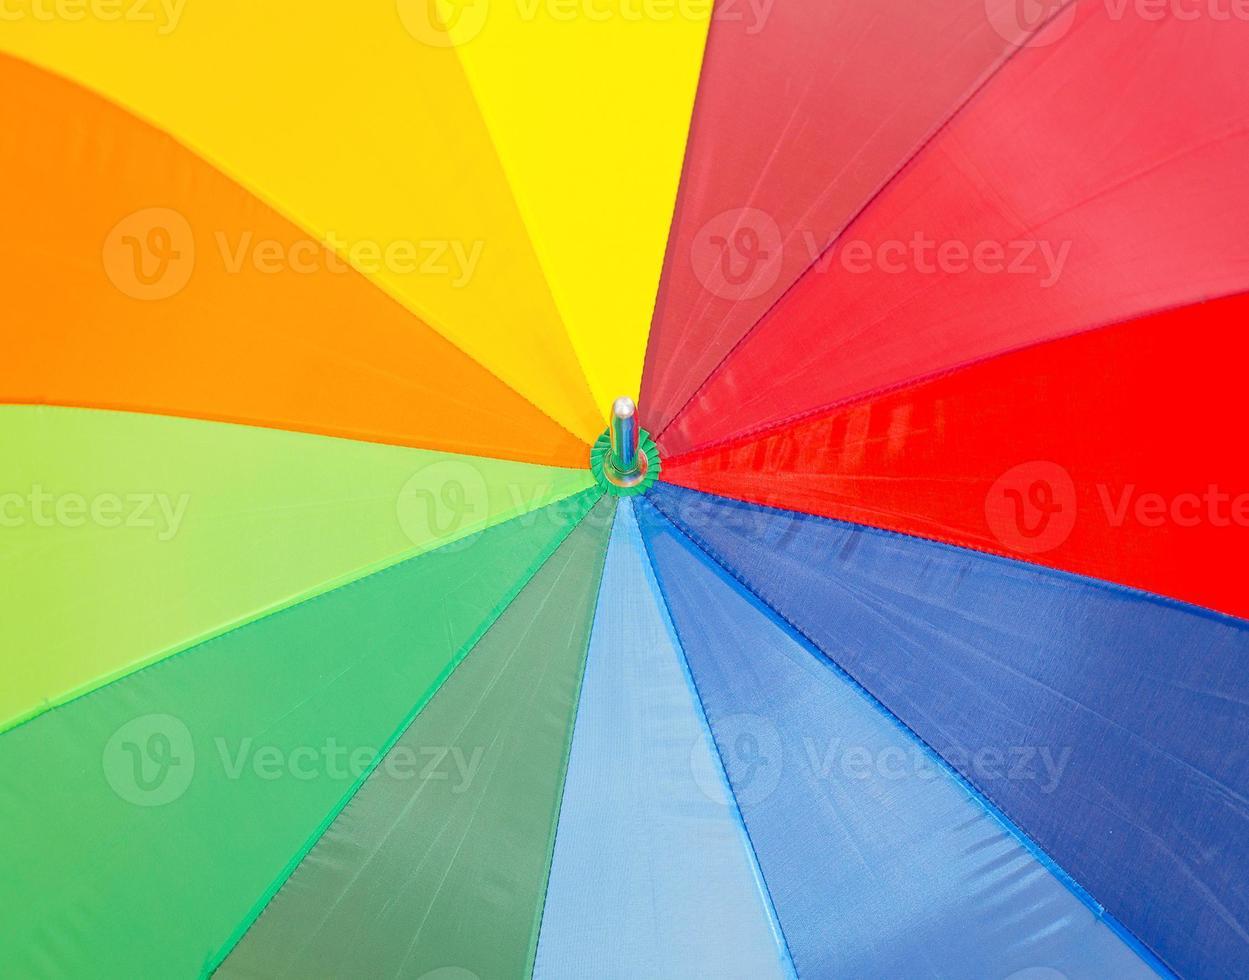 vergrote weergave van kleurrijke paraplu. foto